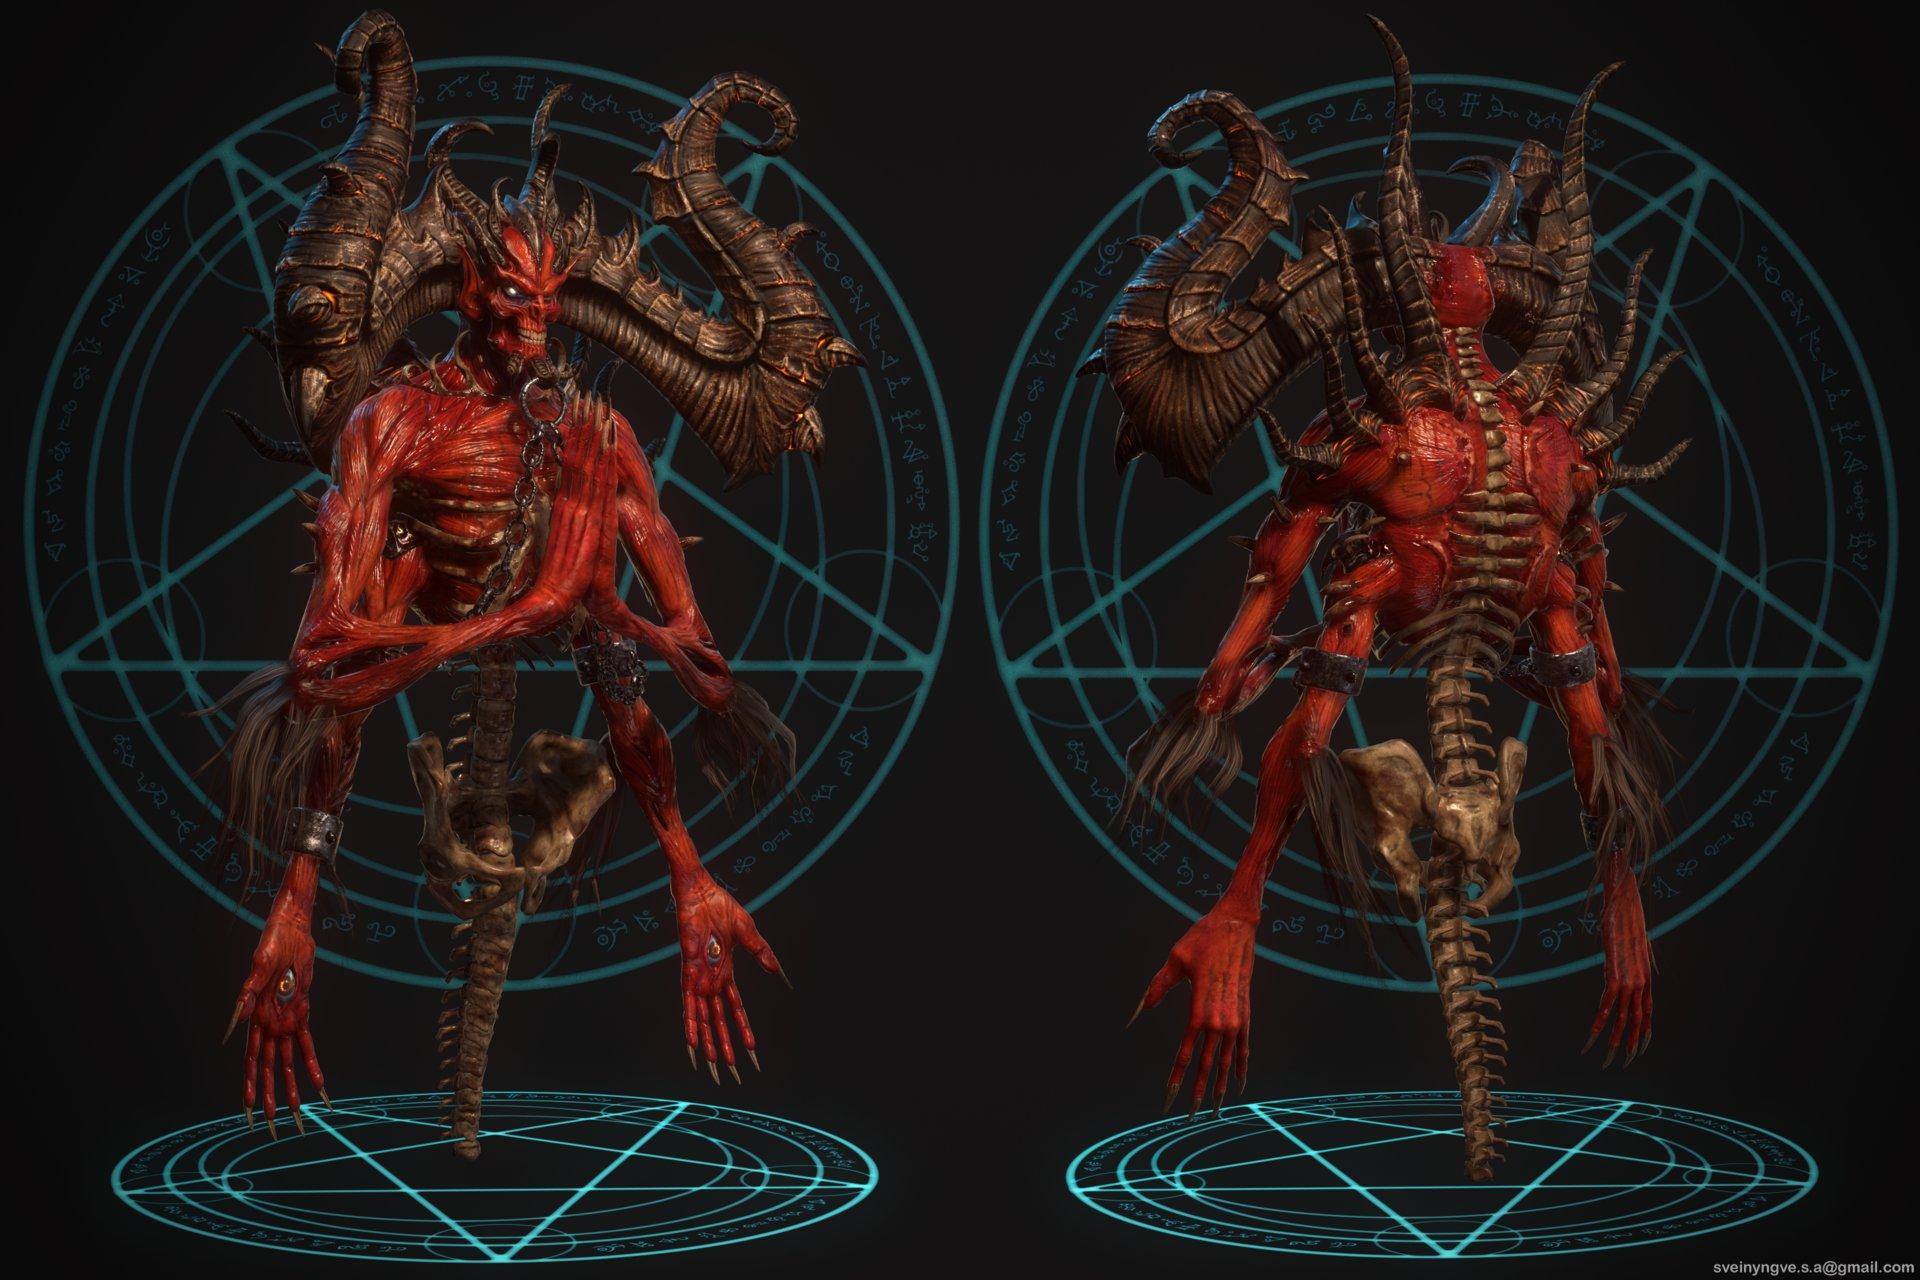 Diablo Hd Wallpaper Diablo 2 Bosses Remade In Hd News Diablofans